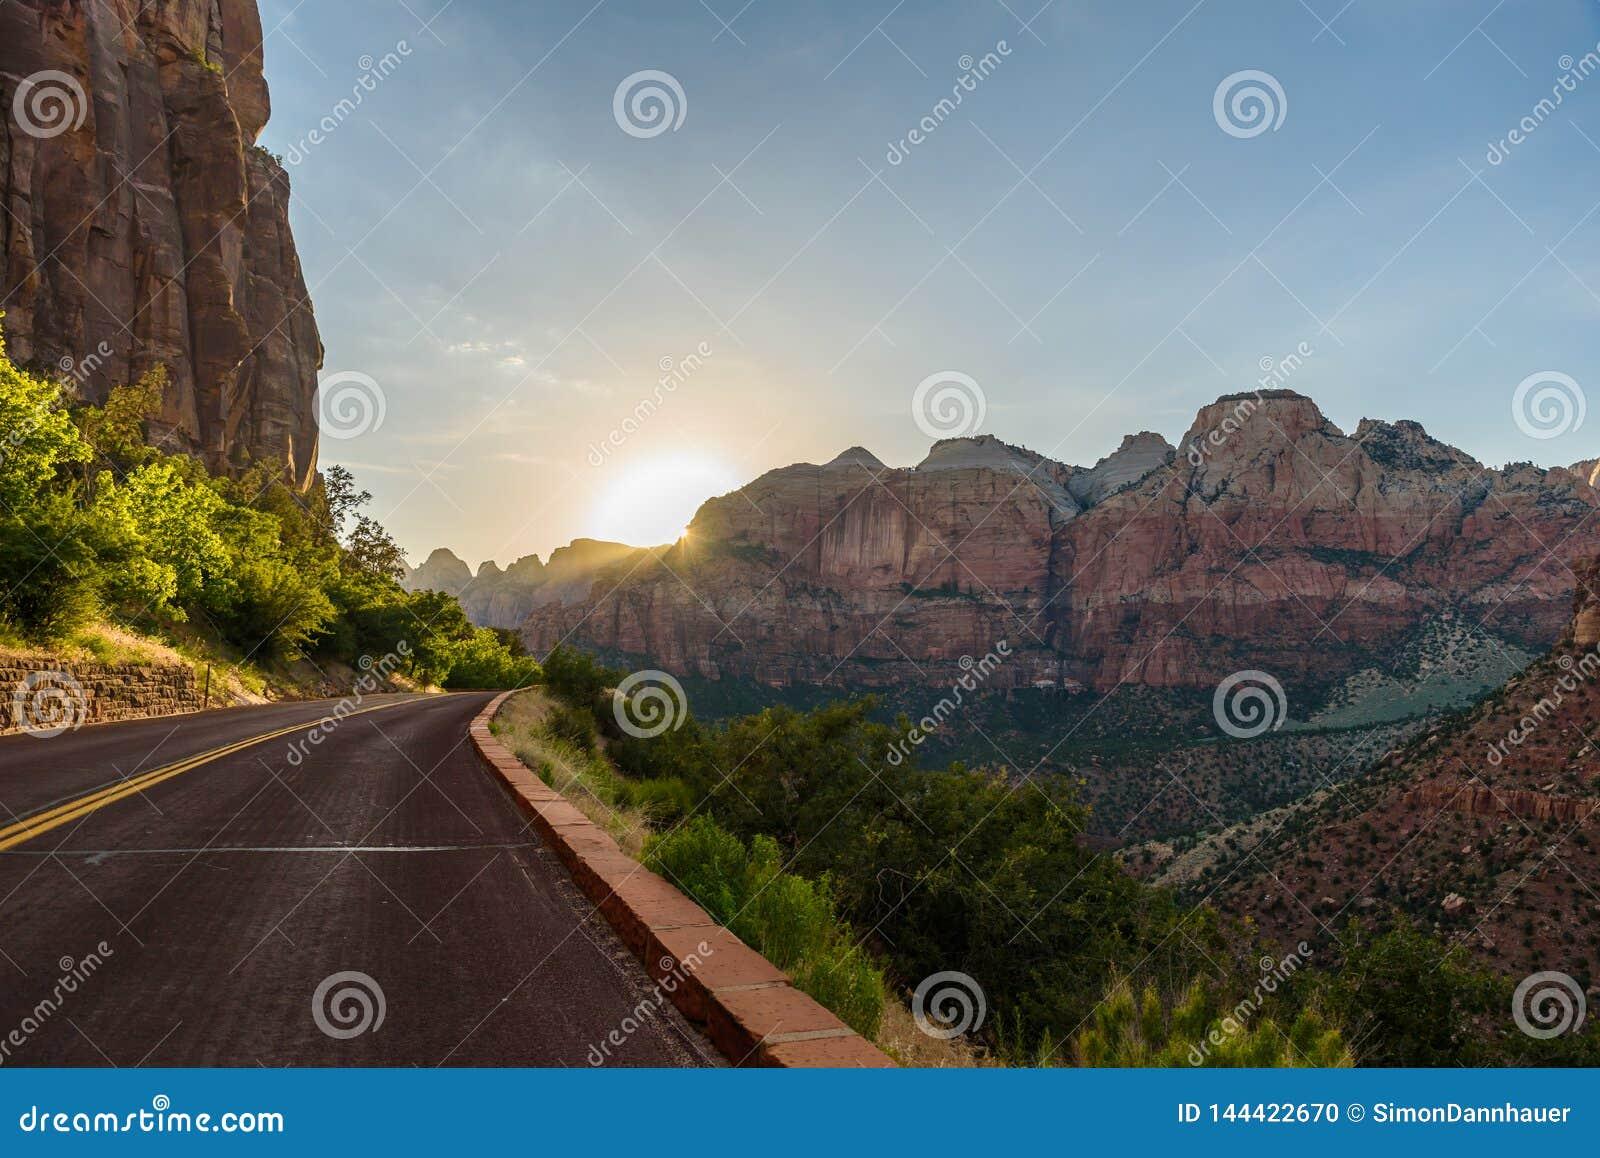 Paysage de paysage chez Zion National Park, belles couleurs de formation de roche en Utah - Etats-Unis